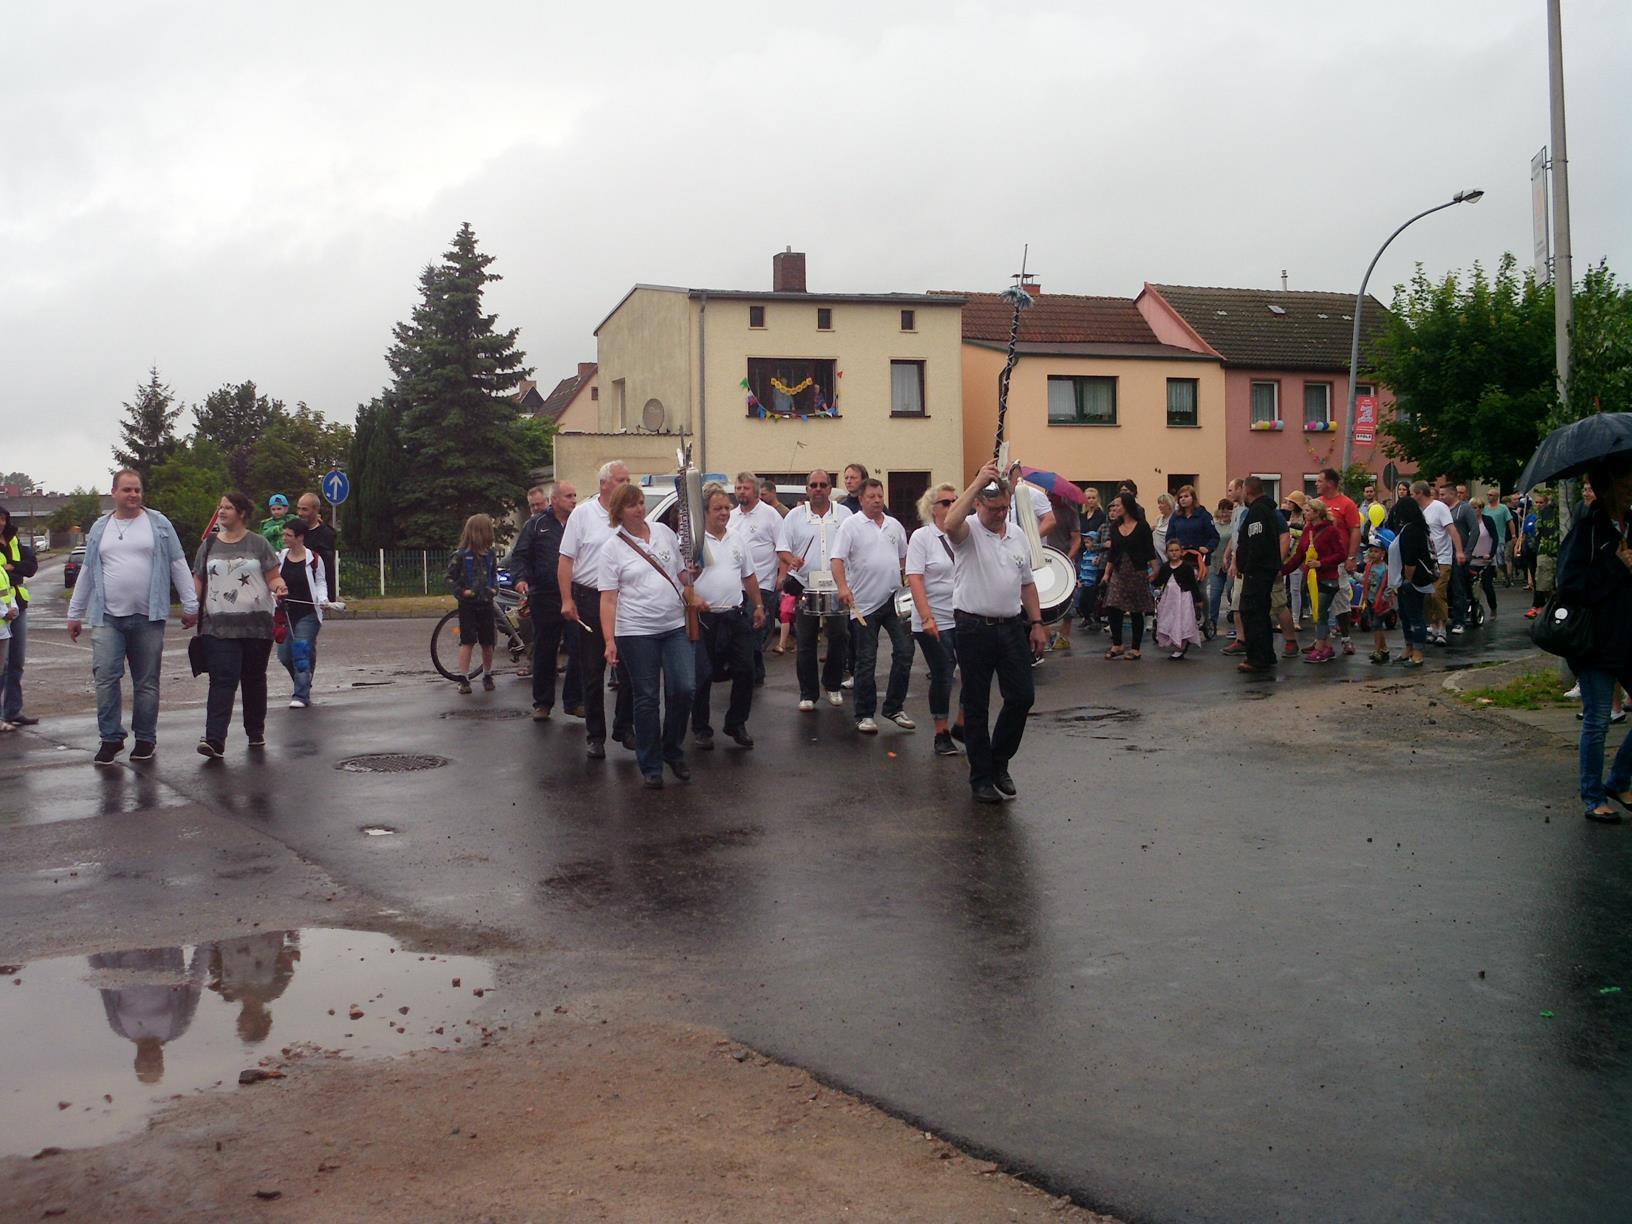 0019_188_Kinderfest